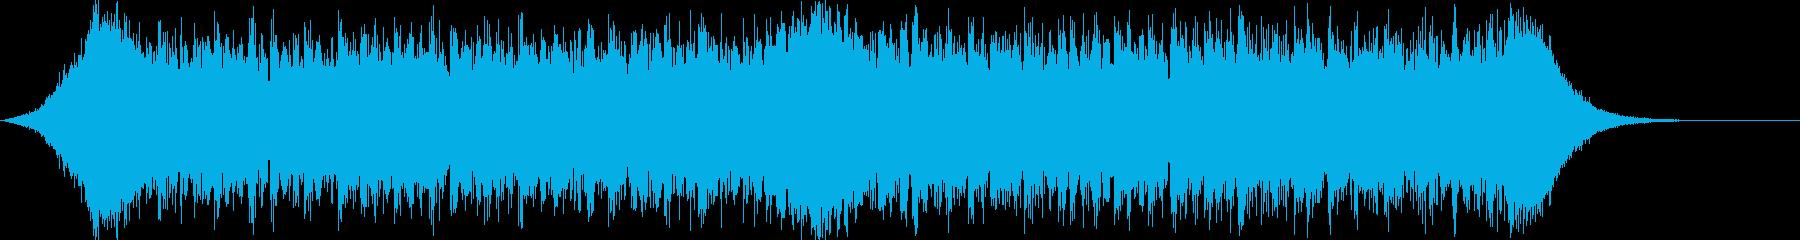 企業VPや映像49、壮大、オーケストラcの再生済みの波形